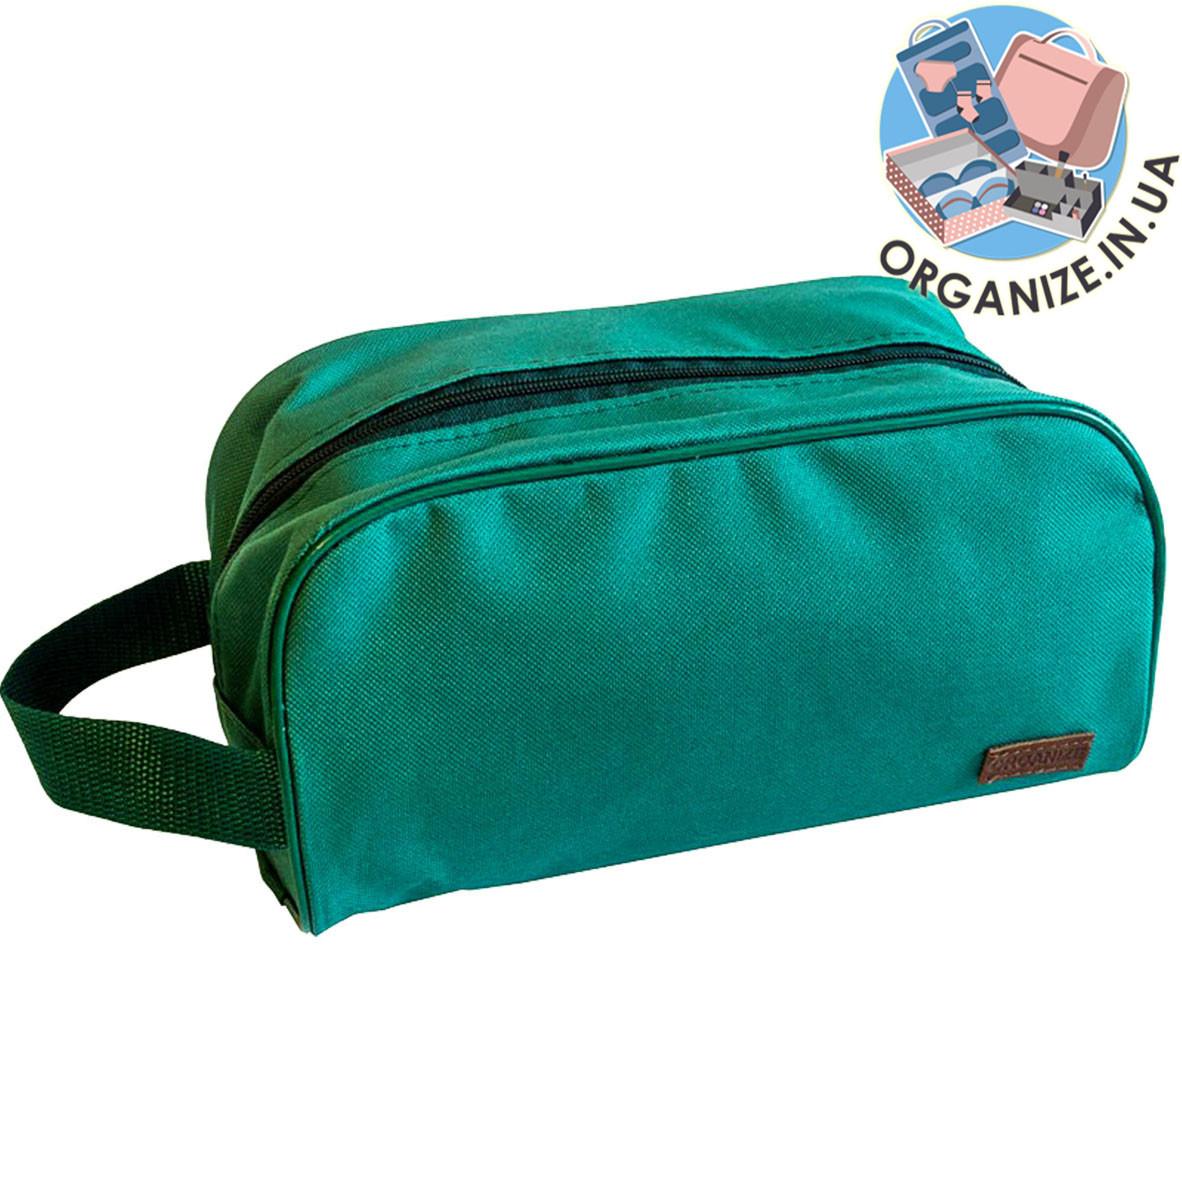 Органайзер для косметики в чемодан ORGANIZE (зеленый)